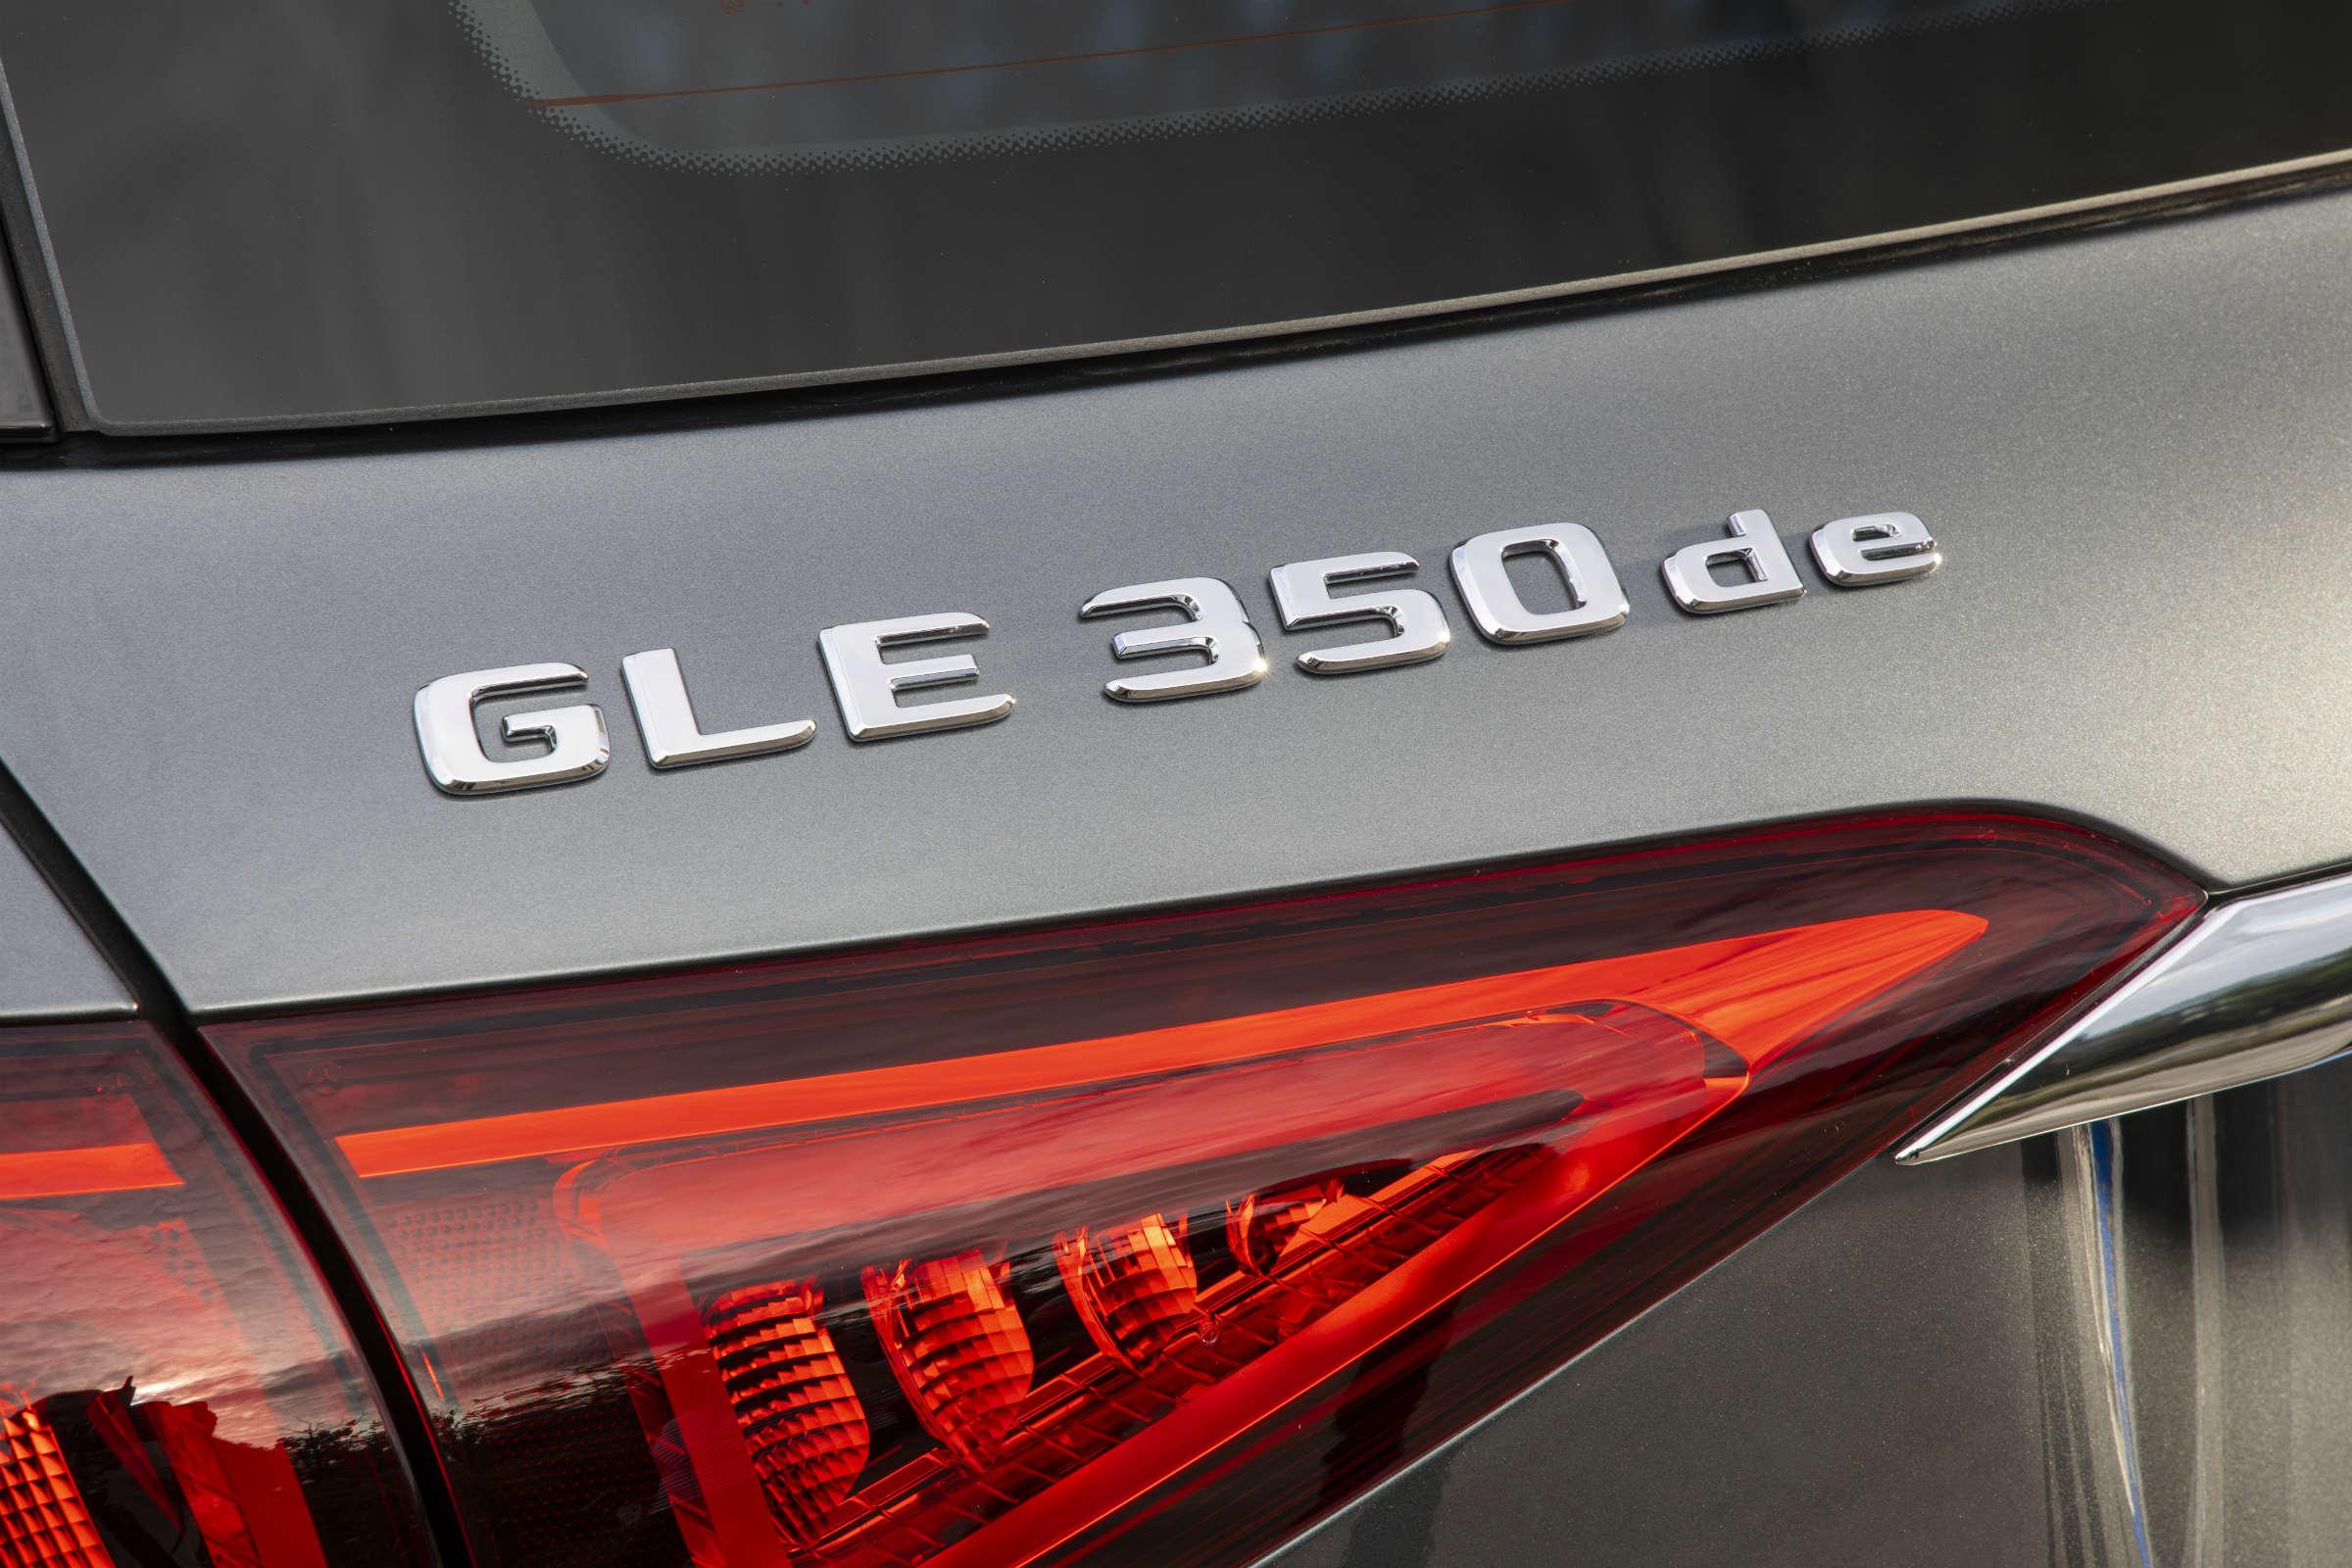 Mercedes GLE 350 de 4MATIC